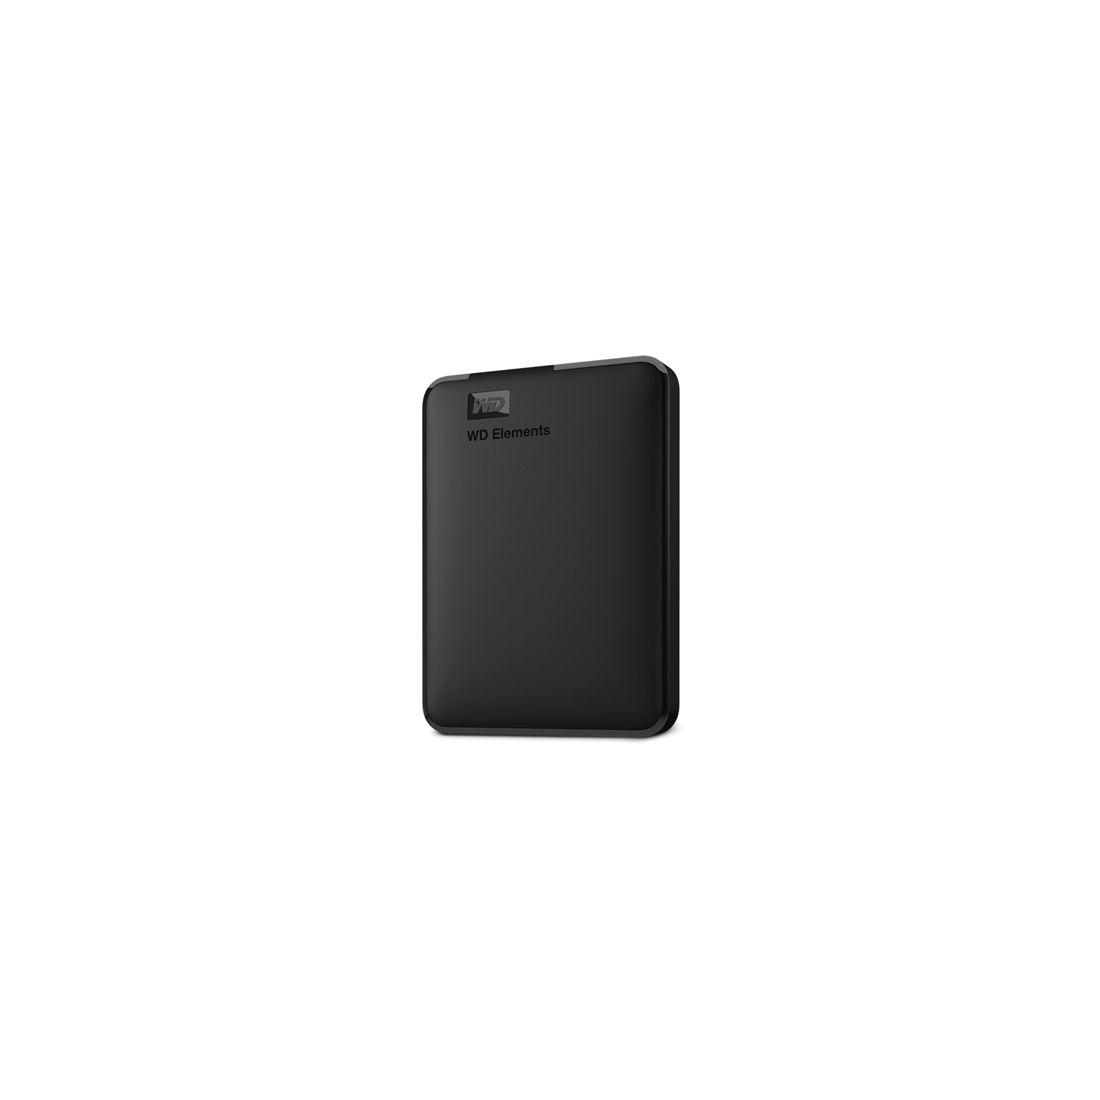 Western Digital WDBU6Y0040BBK 4TB 25 USB 30